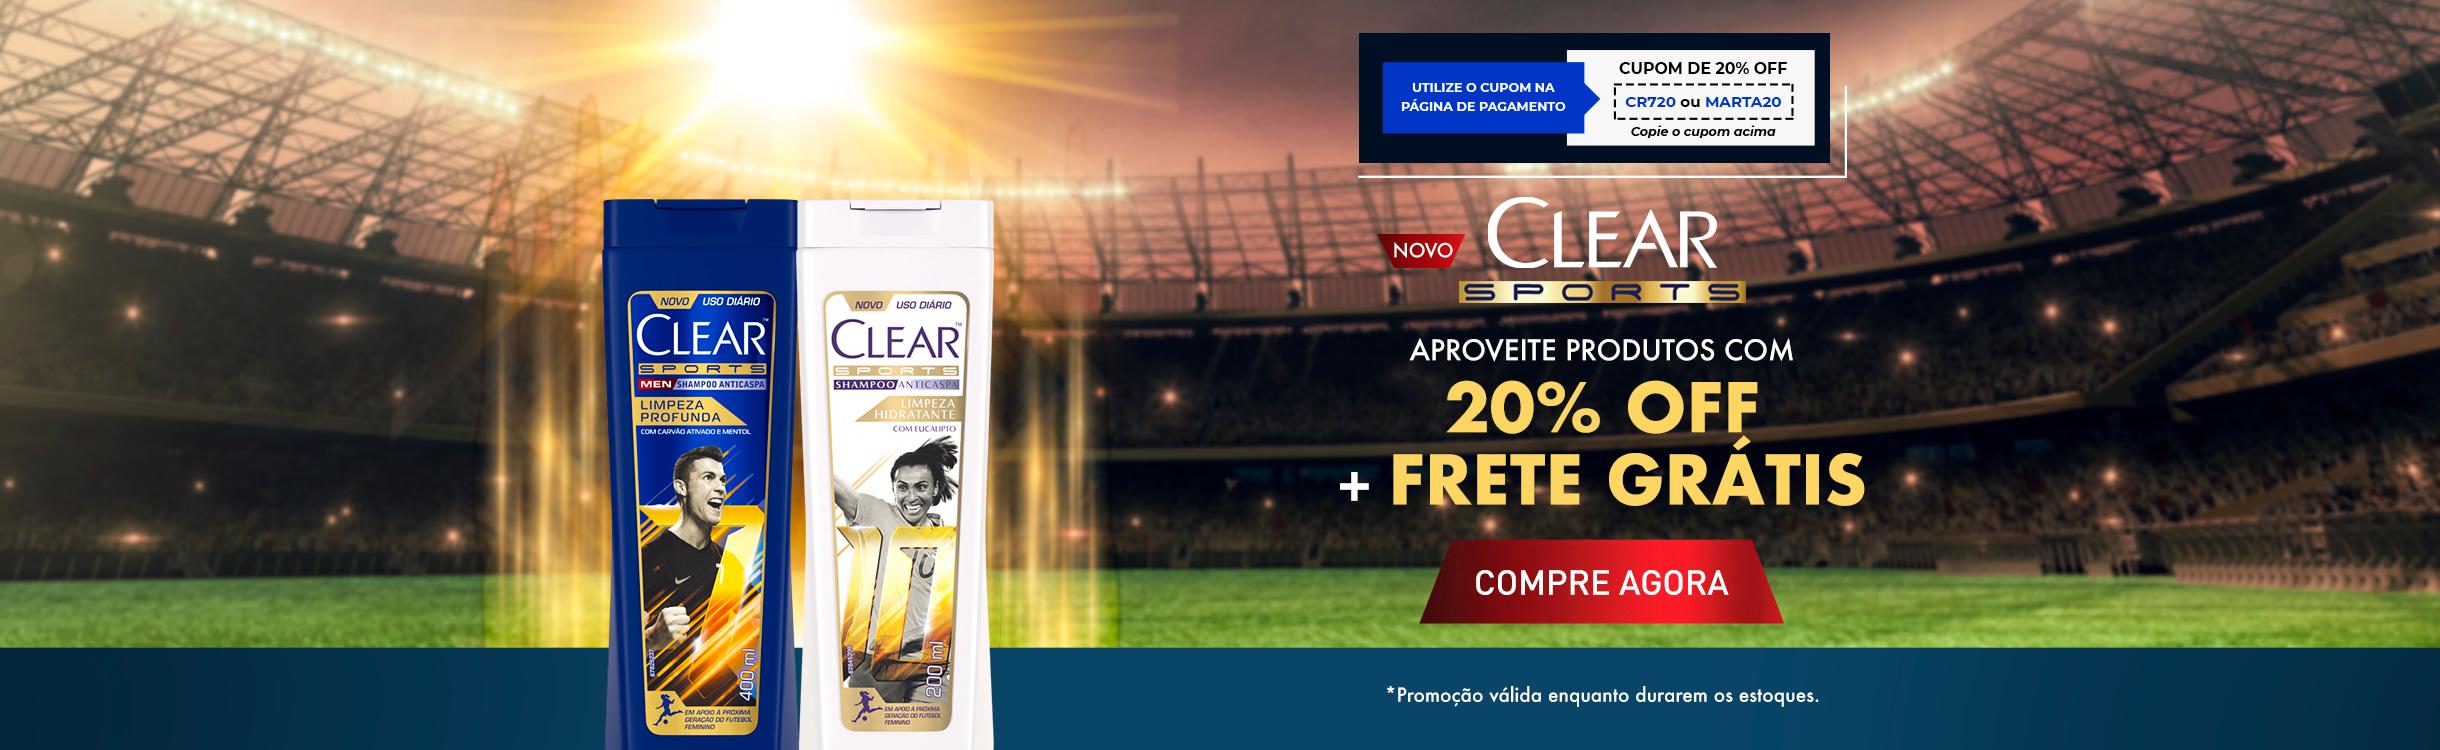 Produtos Clear com 20% OFF + Frete Grátis